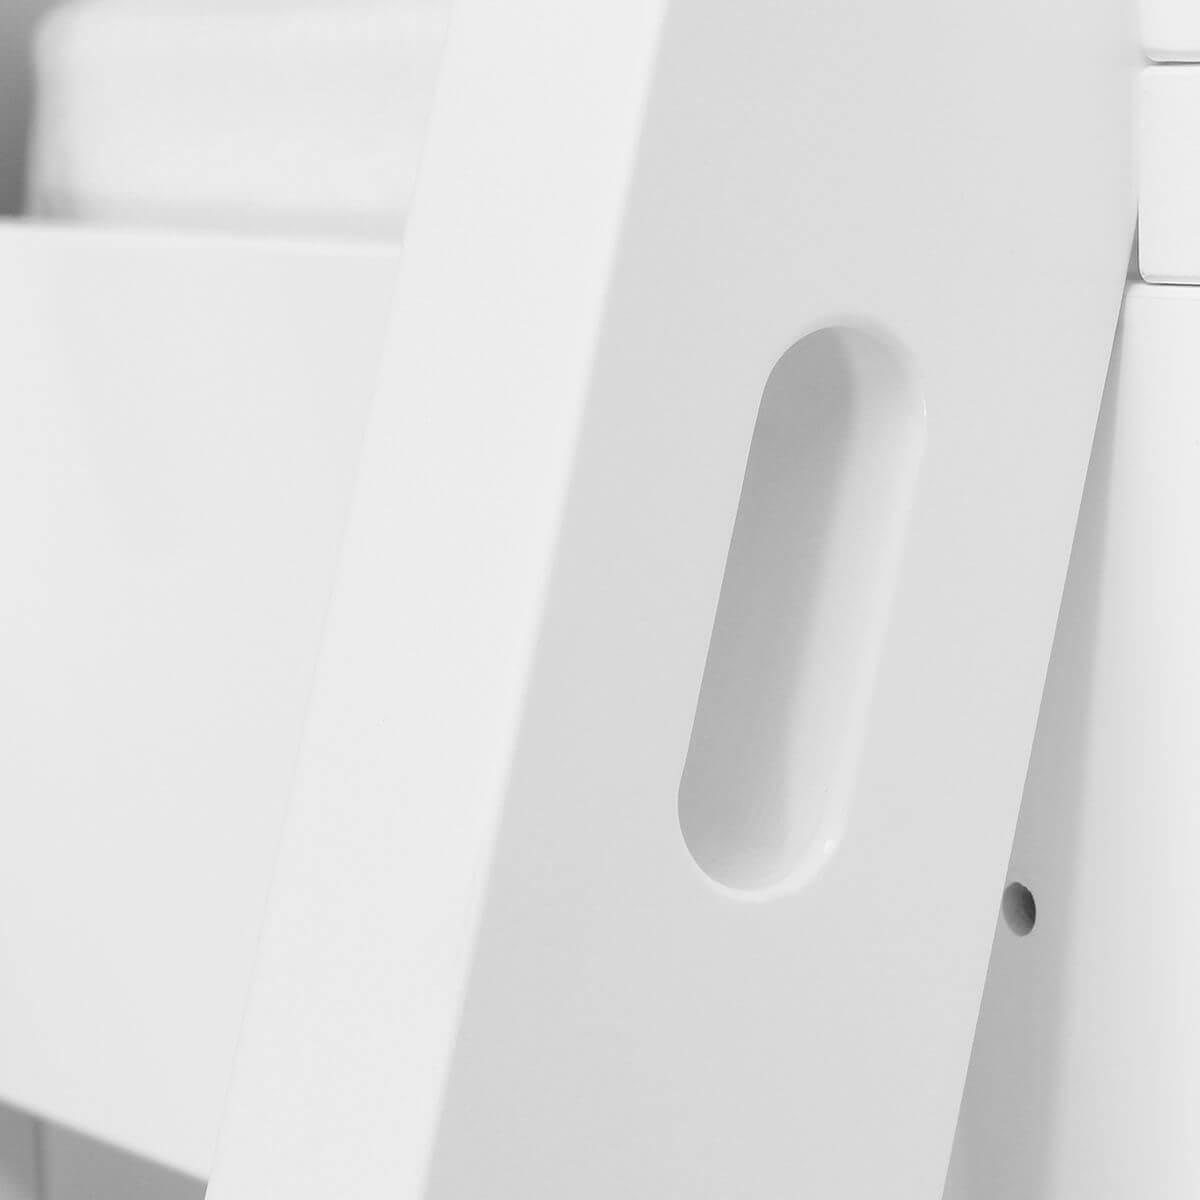 Cama evolutiva semi alta 90x200cm escalera inclinada NORDIC de Bopita blanco